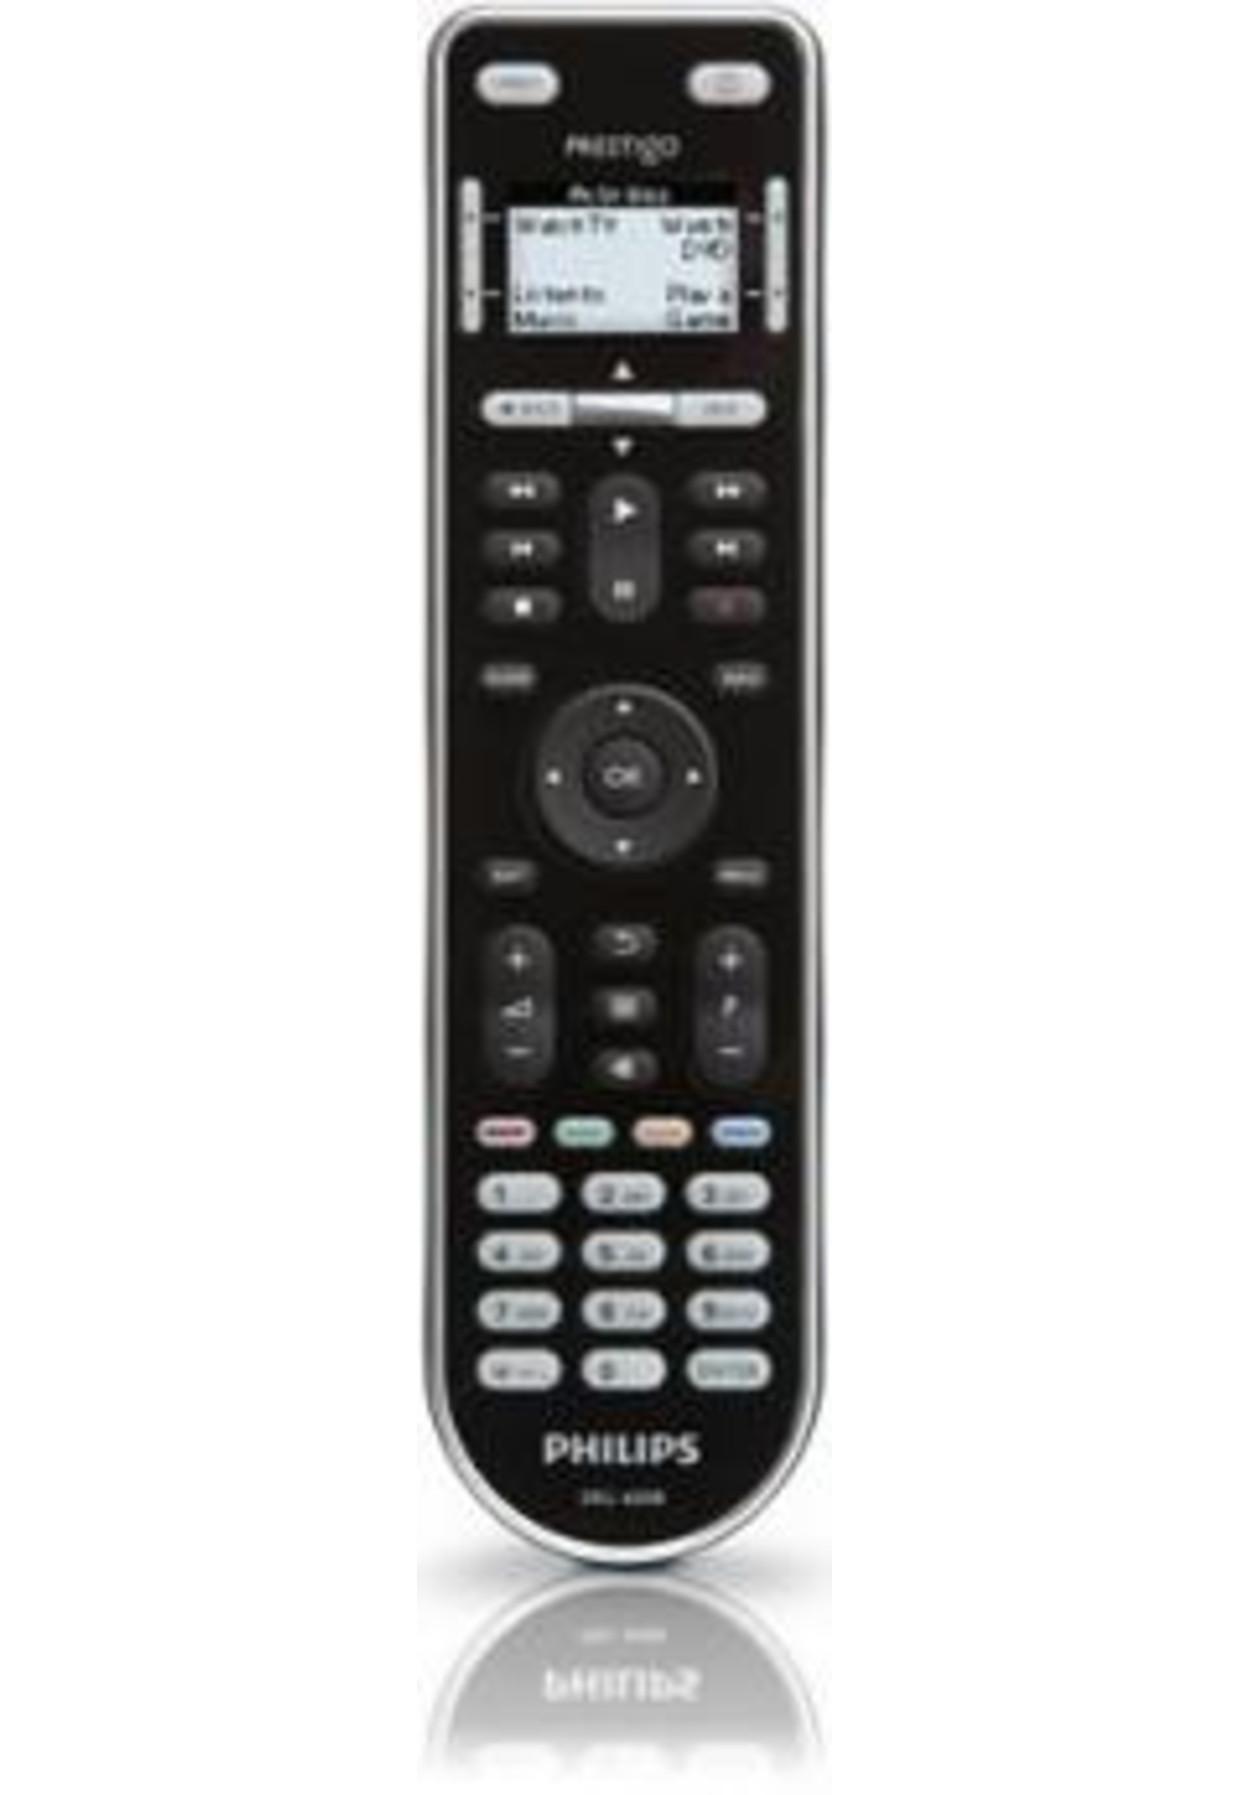 Prestigo telecomando universale sru6008 10 philips for Philips telecomando